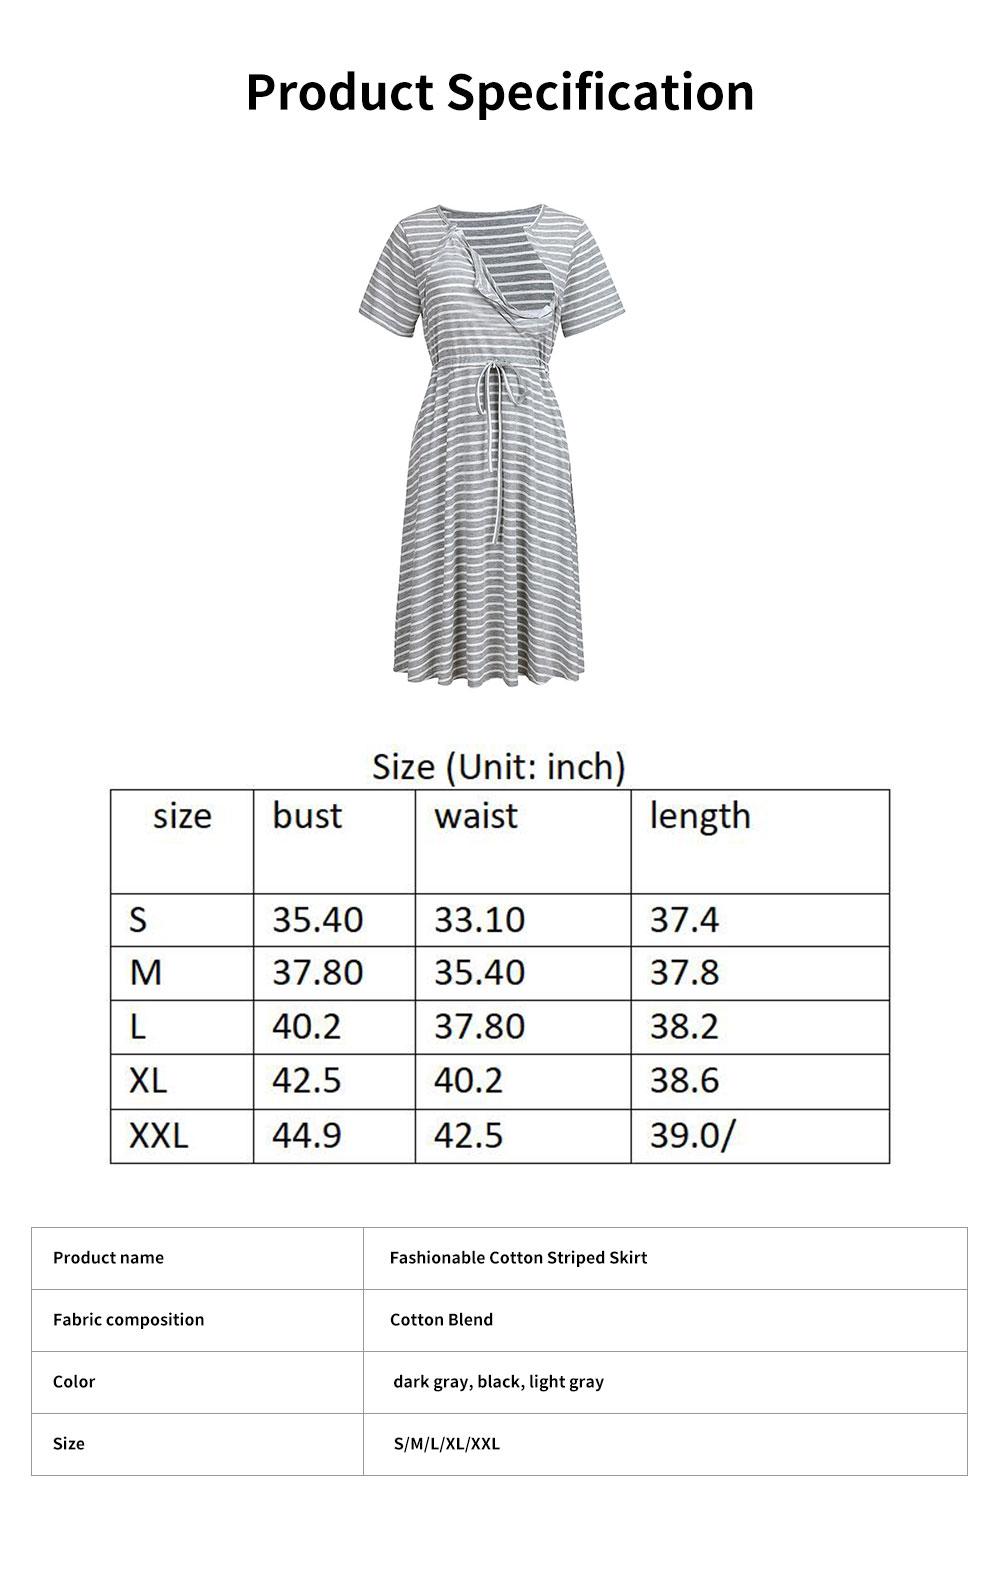 Fashionable Striped Skirt for Pregnant Women Short Sleeves Dress for Breast-feeding 6